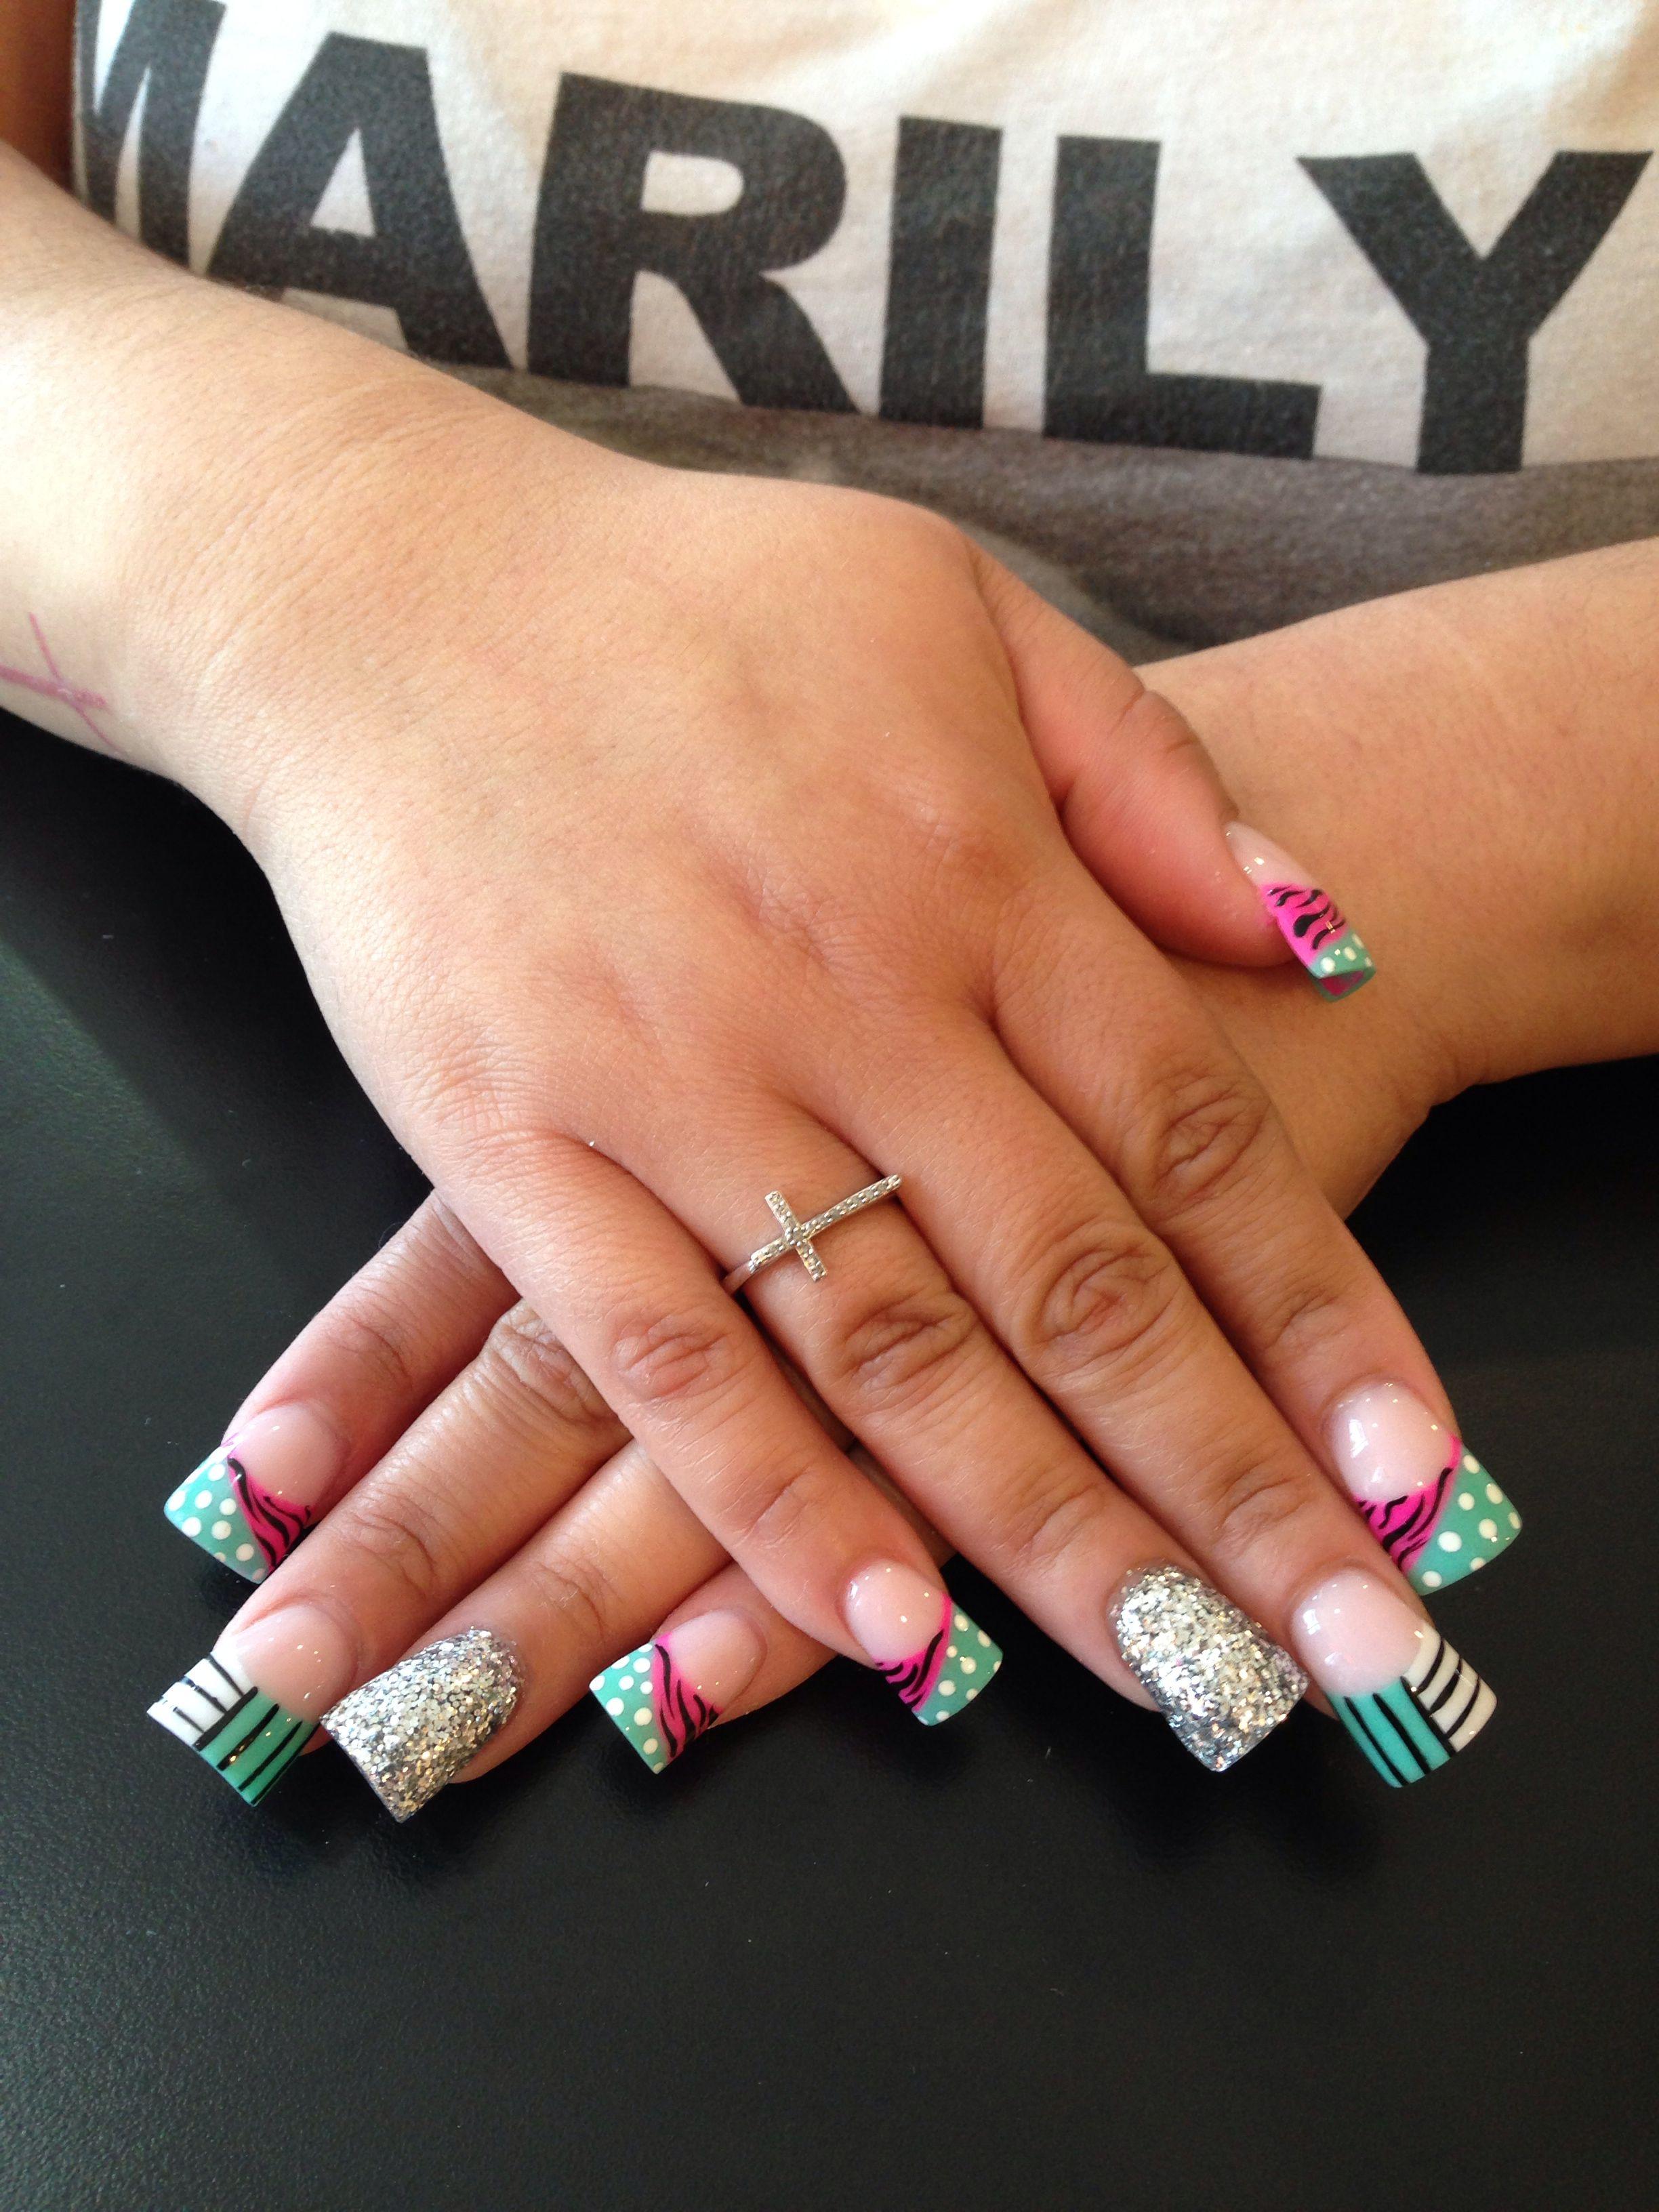 Flare nails | Fun nails | Pinterest | Flare nails, Makeup and Duck nails